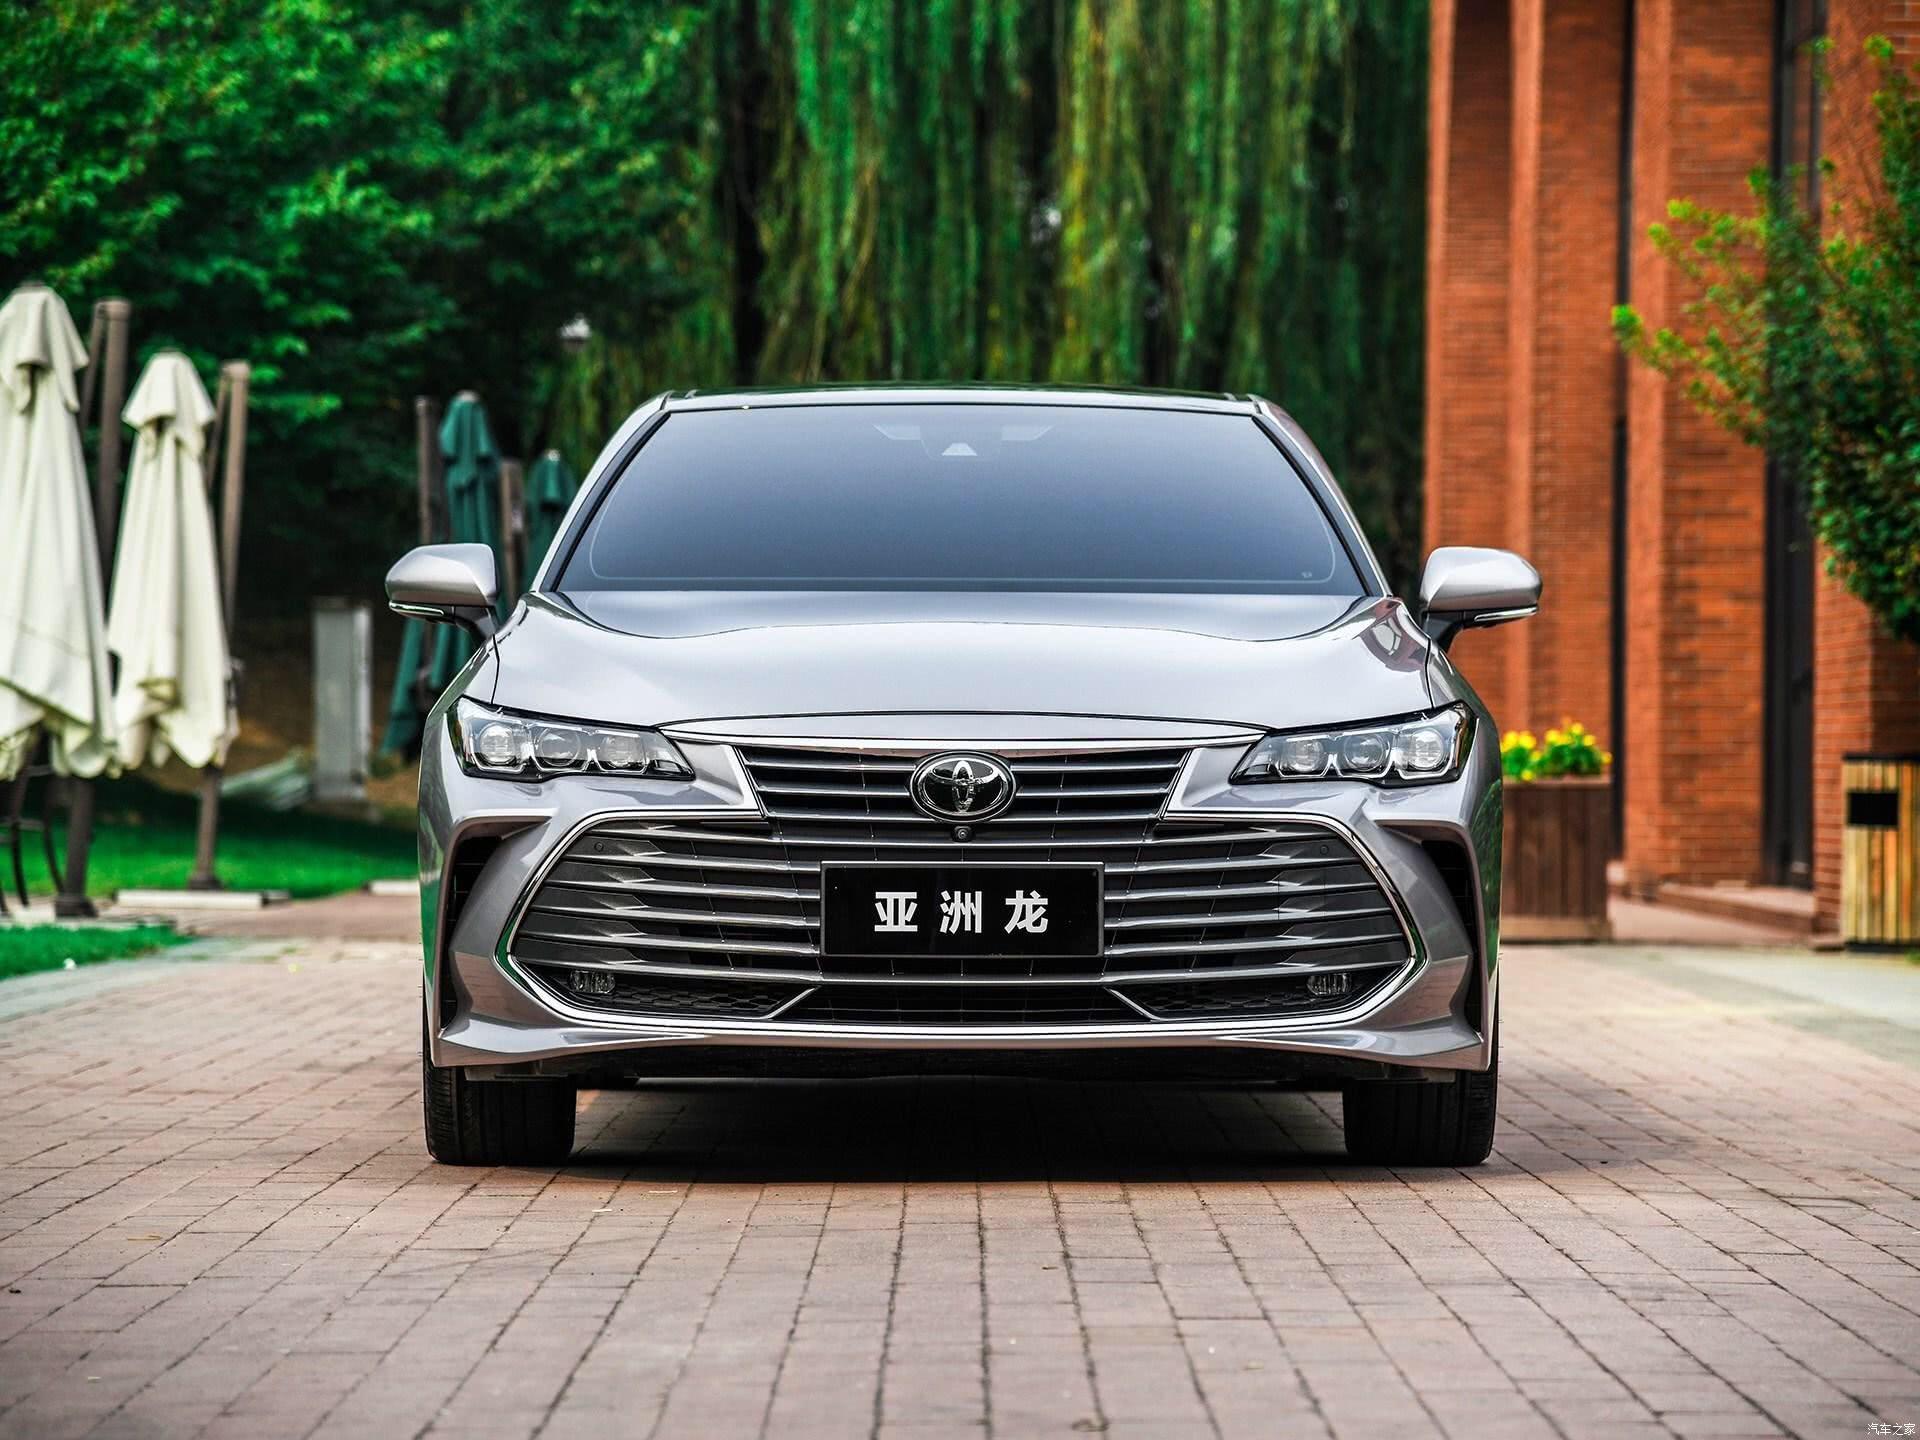 丰田推出亚洲龙2.0L汽油版,搭载2.0L+爱信CVT变速箱